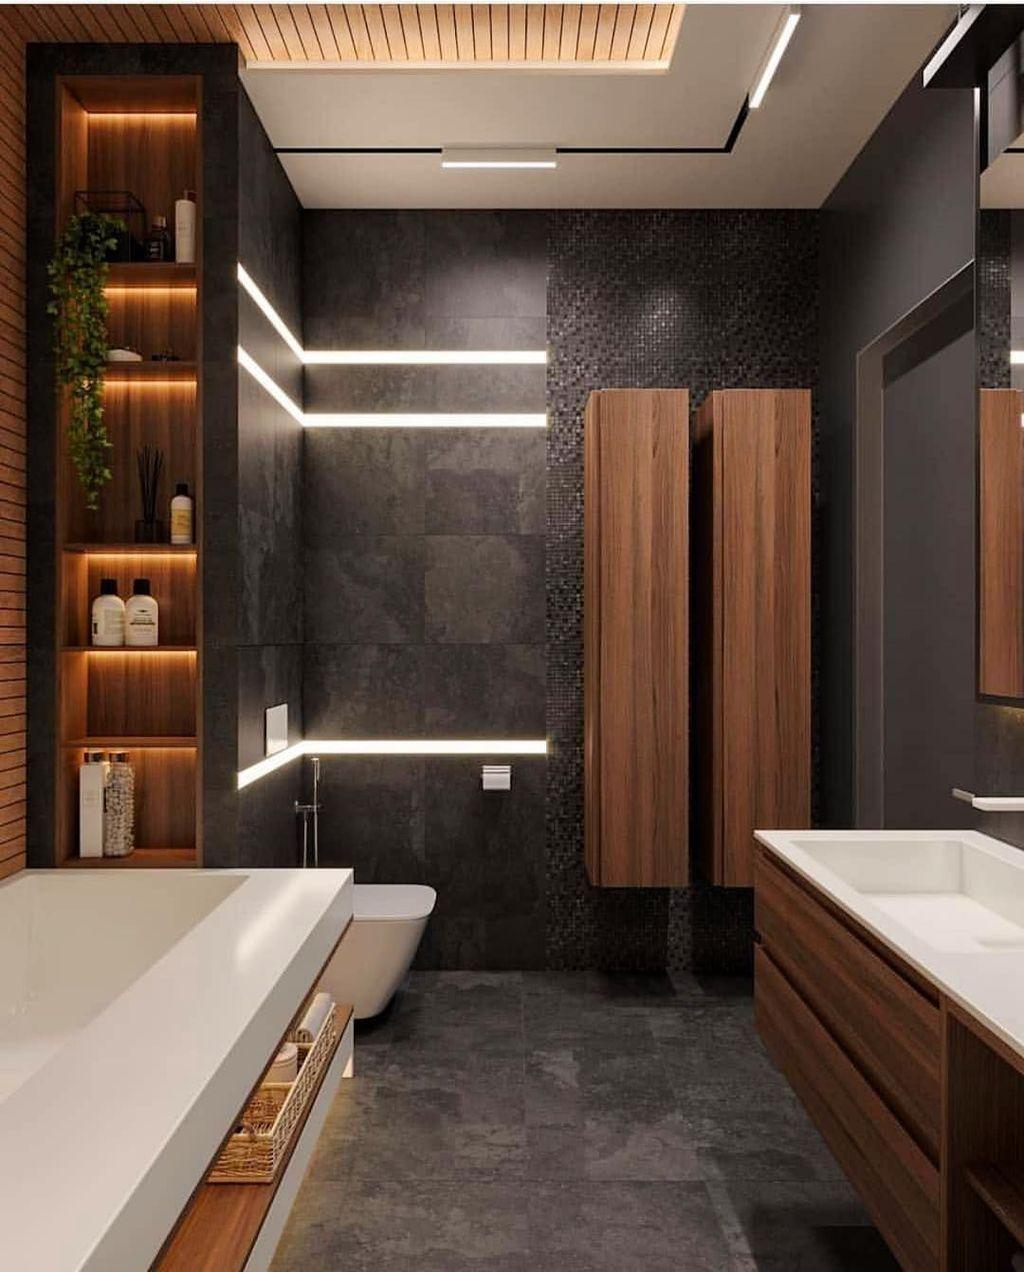 30 Amazing Wood Bathroom Wall Design Ideas Bathroom Interior Design Modern Bathroom Design Master Bathroom Design